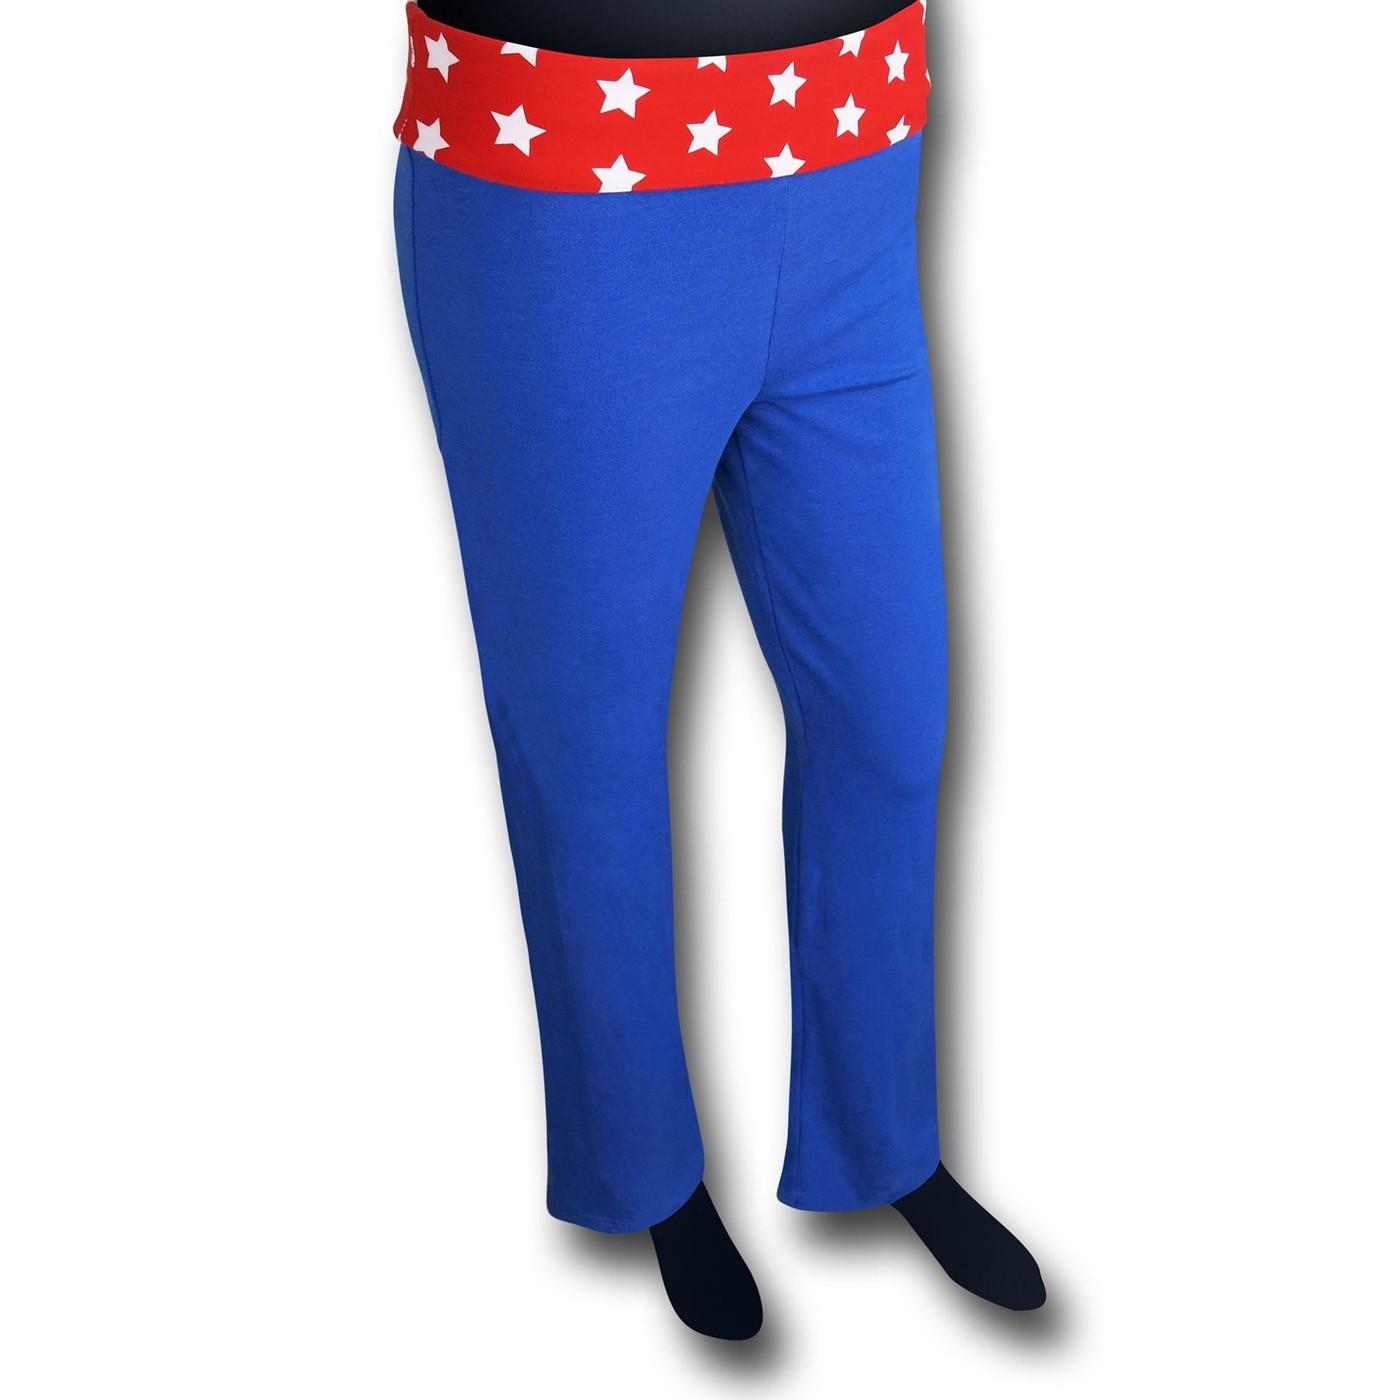 Wonder Woman Women's Blue Yoga Pants